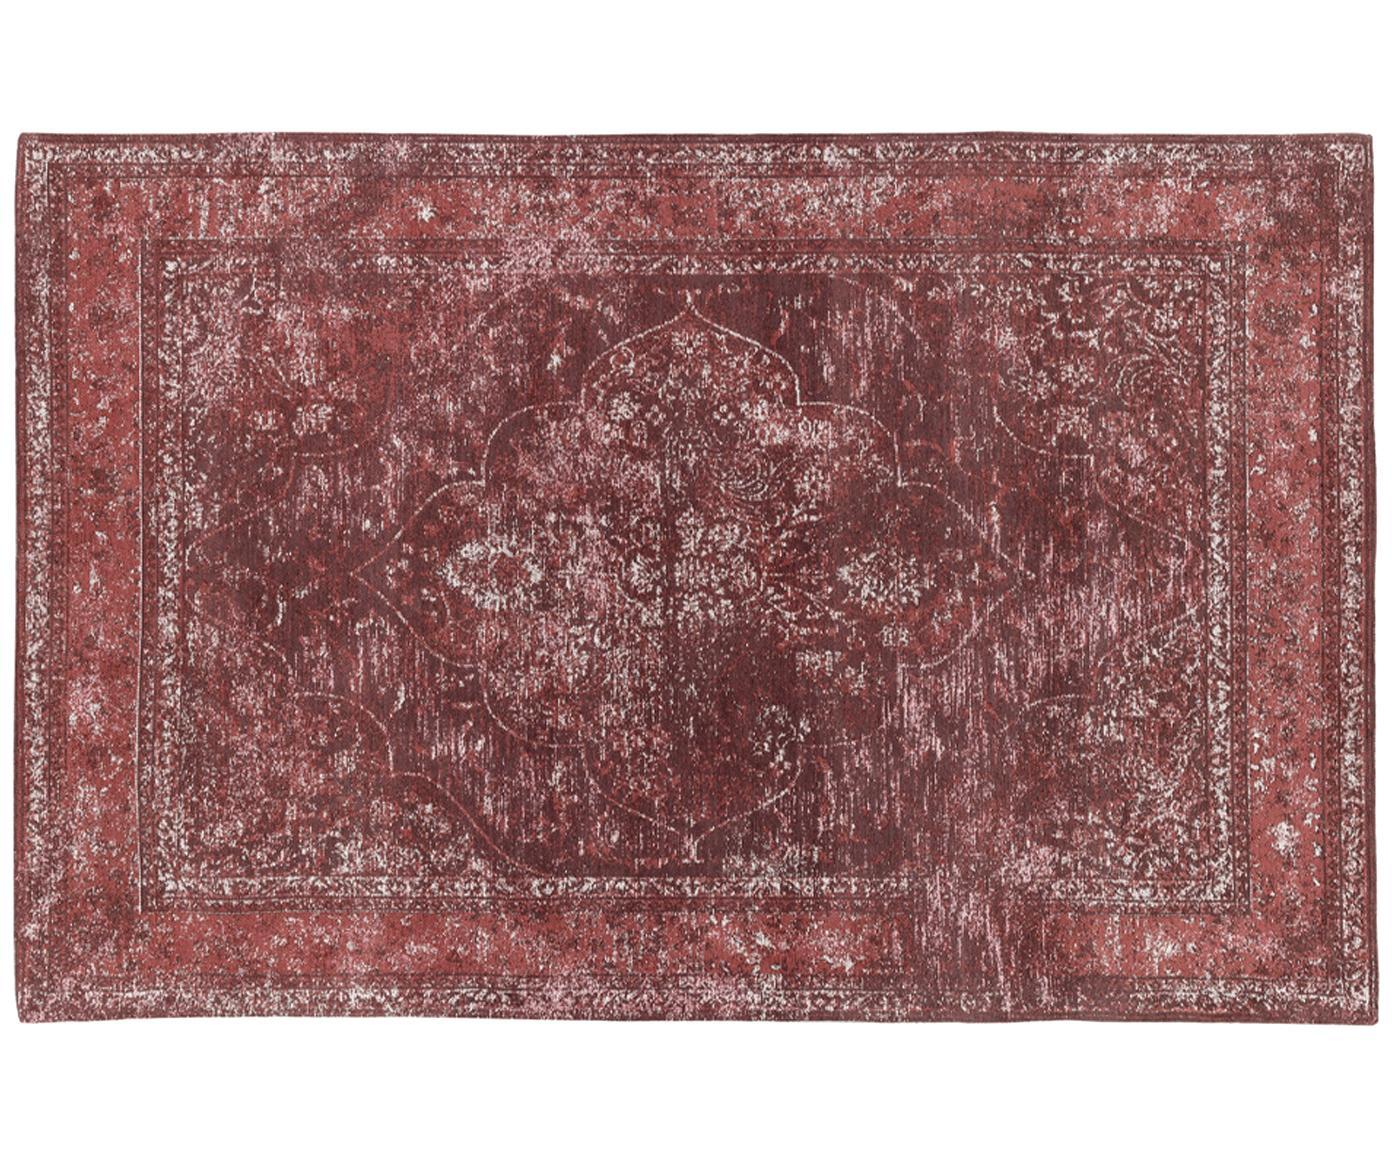 Vintage Chenilleteppich Palermo in Rot, Flor: 95% Baumwolle, 5% Polyest, Rot, Creme, Dunkelrot, B 120 x L 180 cm (Größe S)